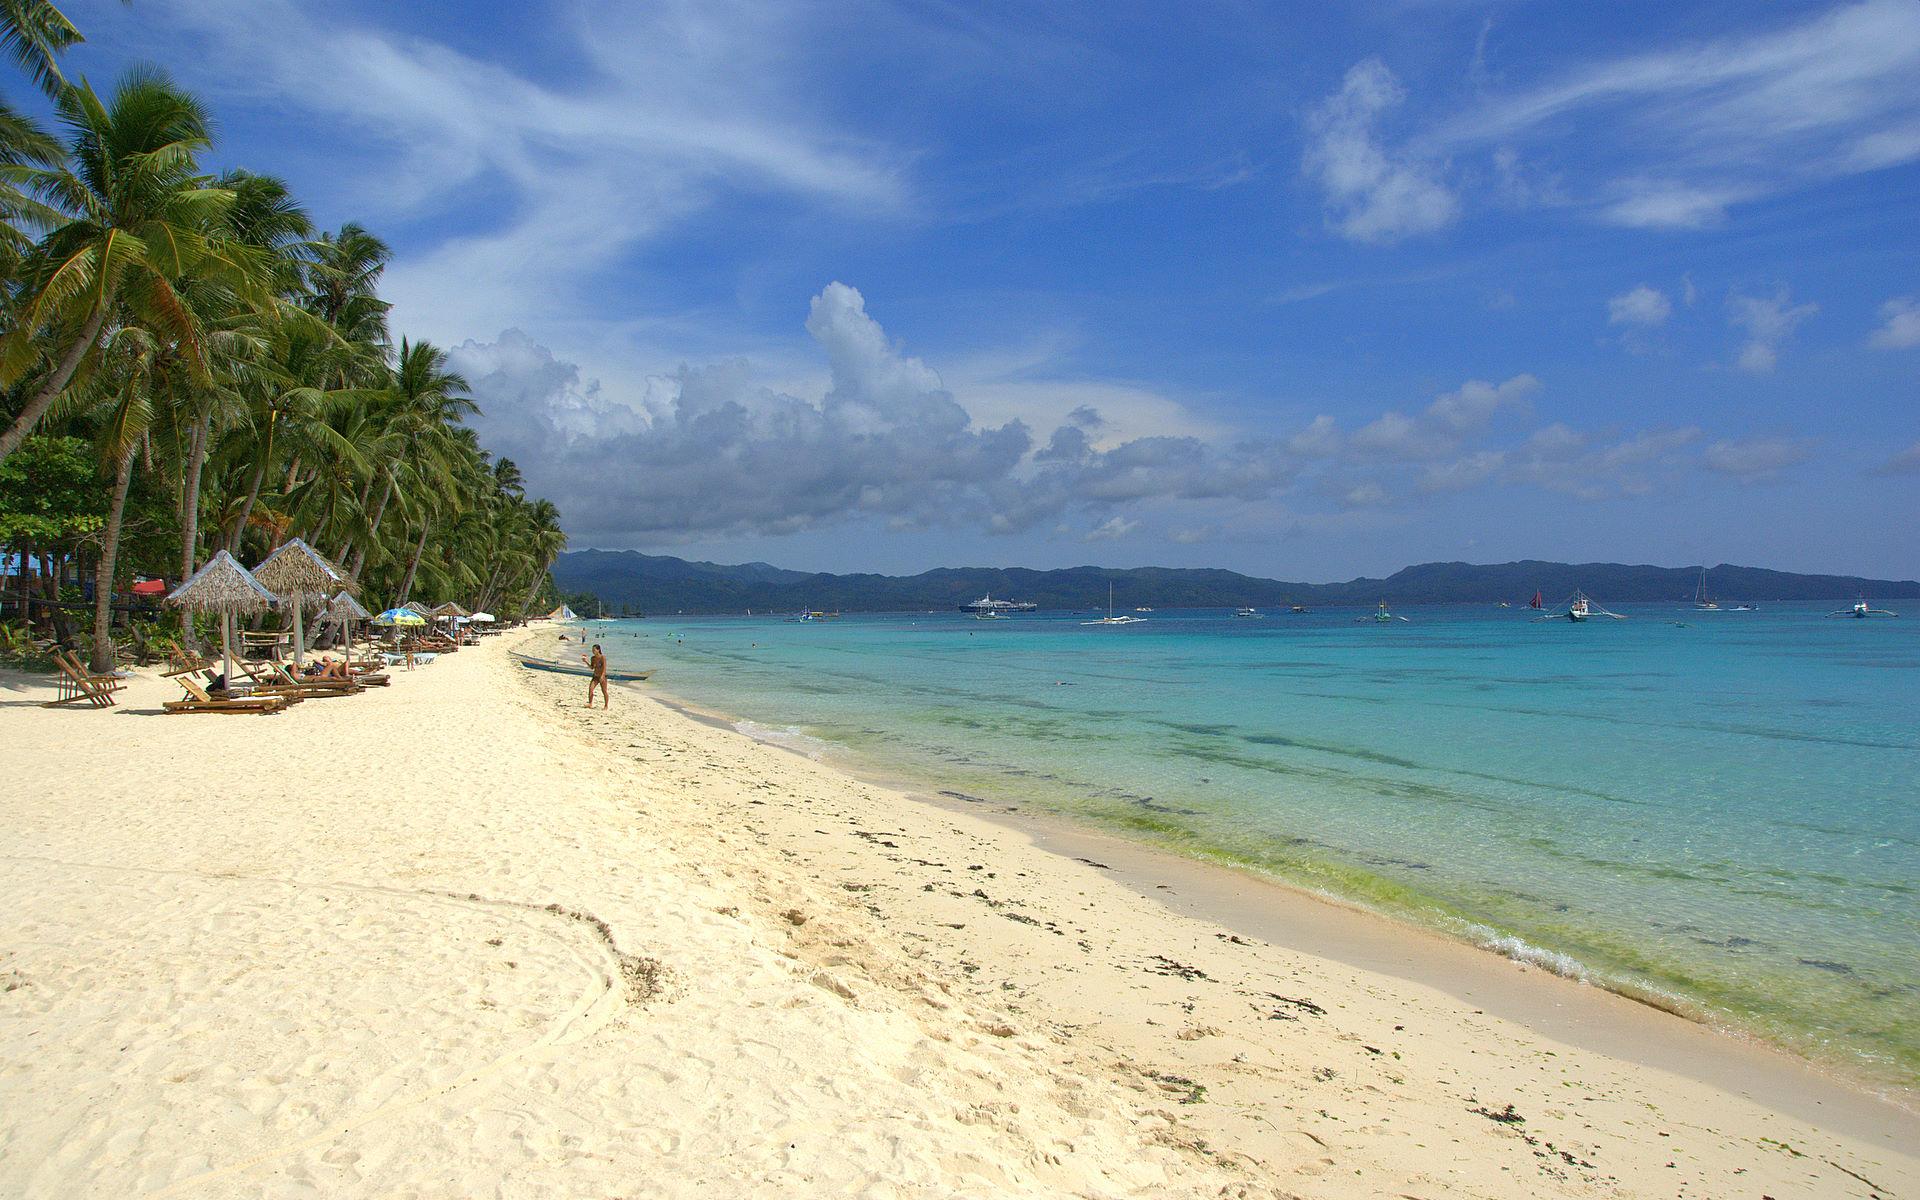 tropical beach wallpaper 120 - photo #7